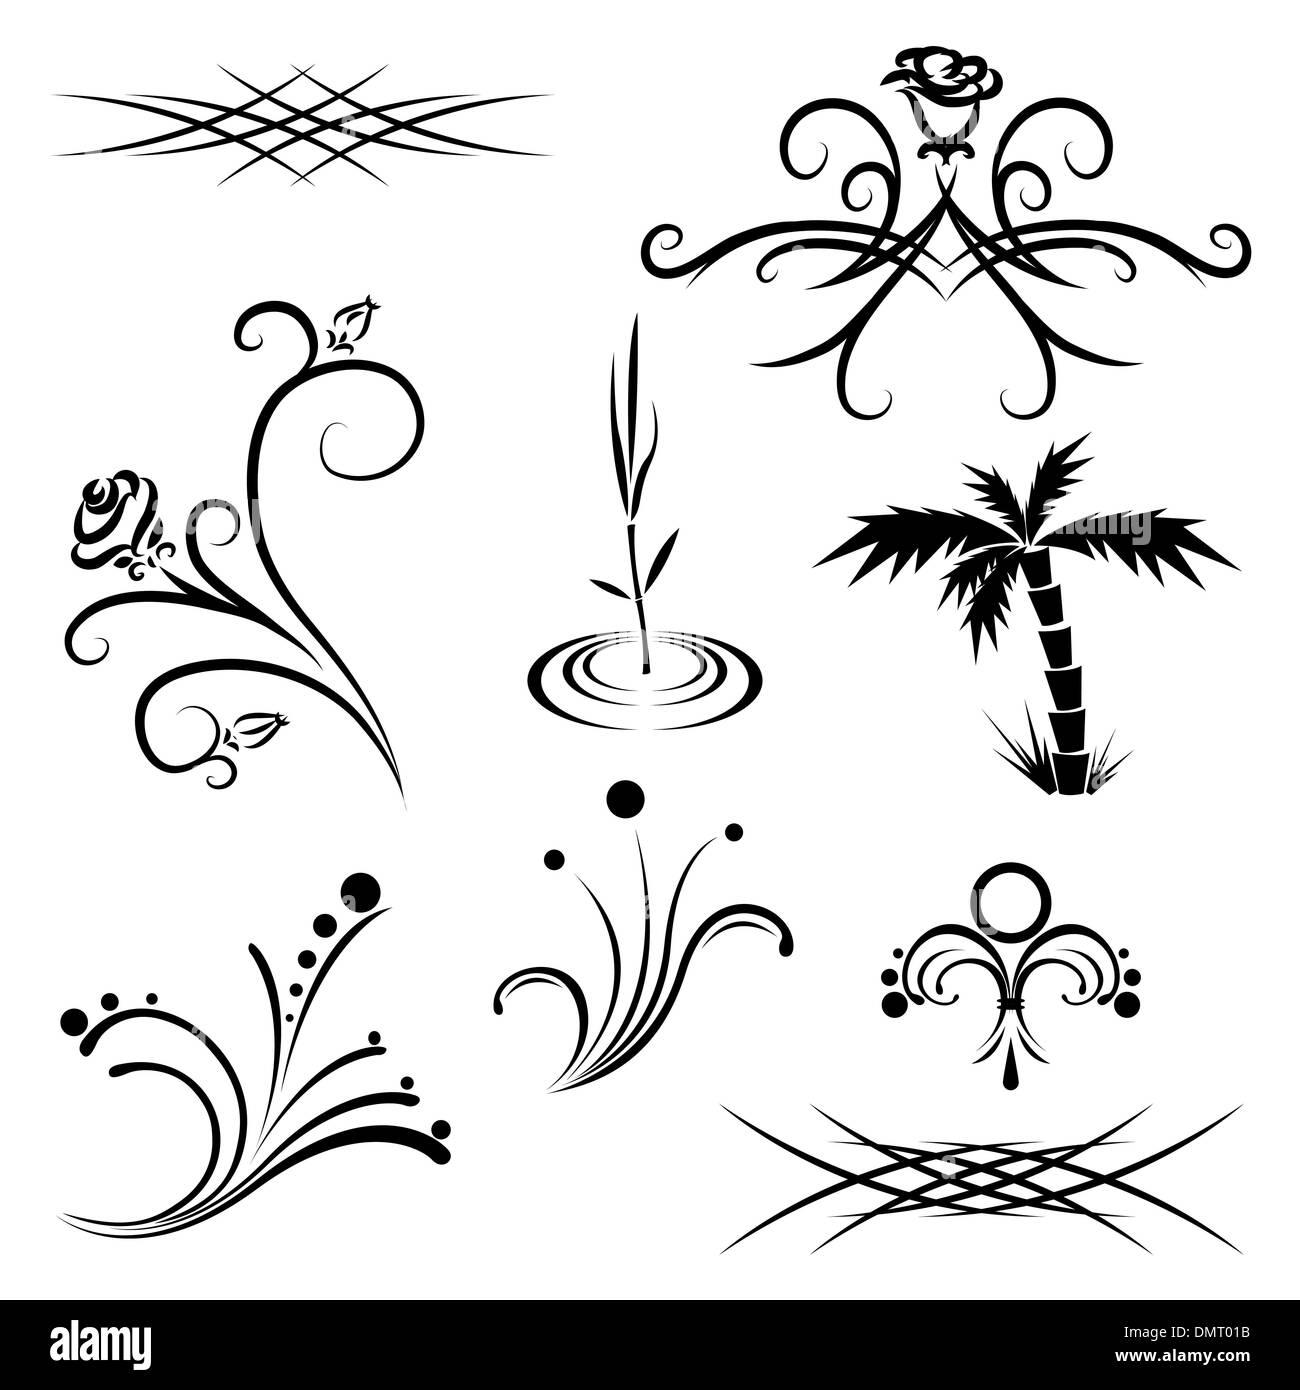 Modèles De Tatouage Végétal Noir Et Blanc Vecteurs Et